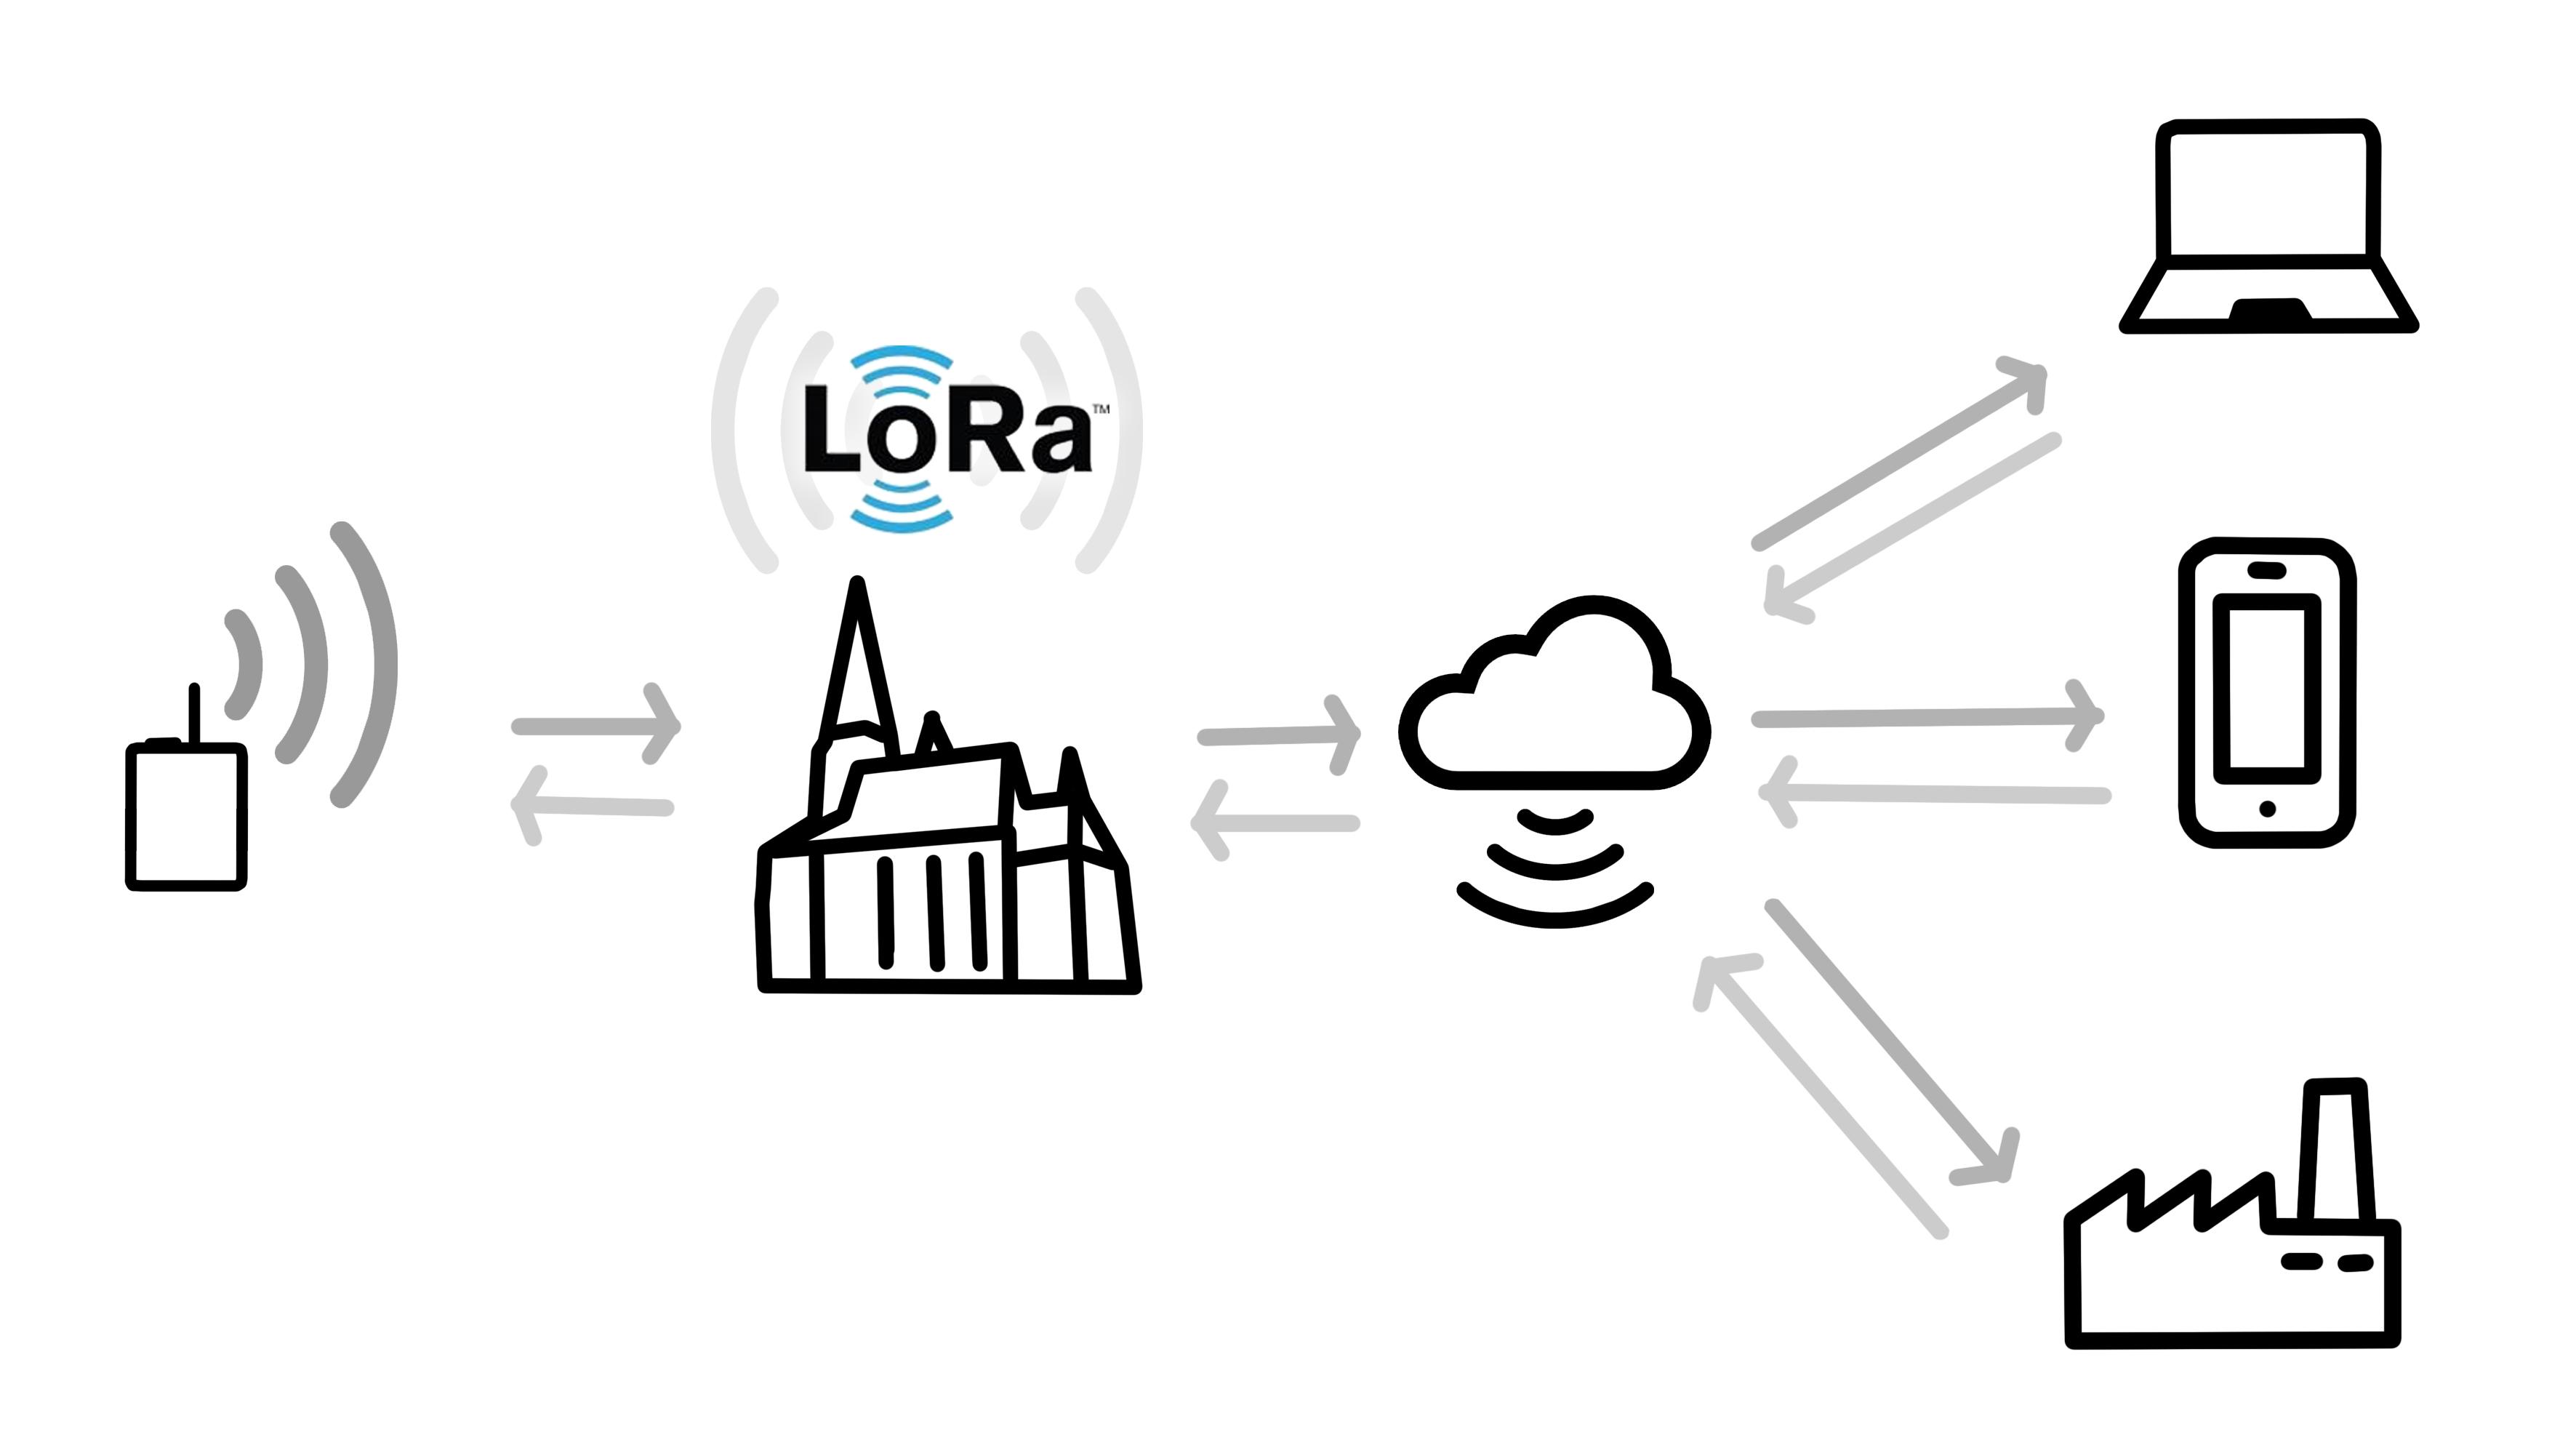 schema_lora